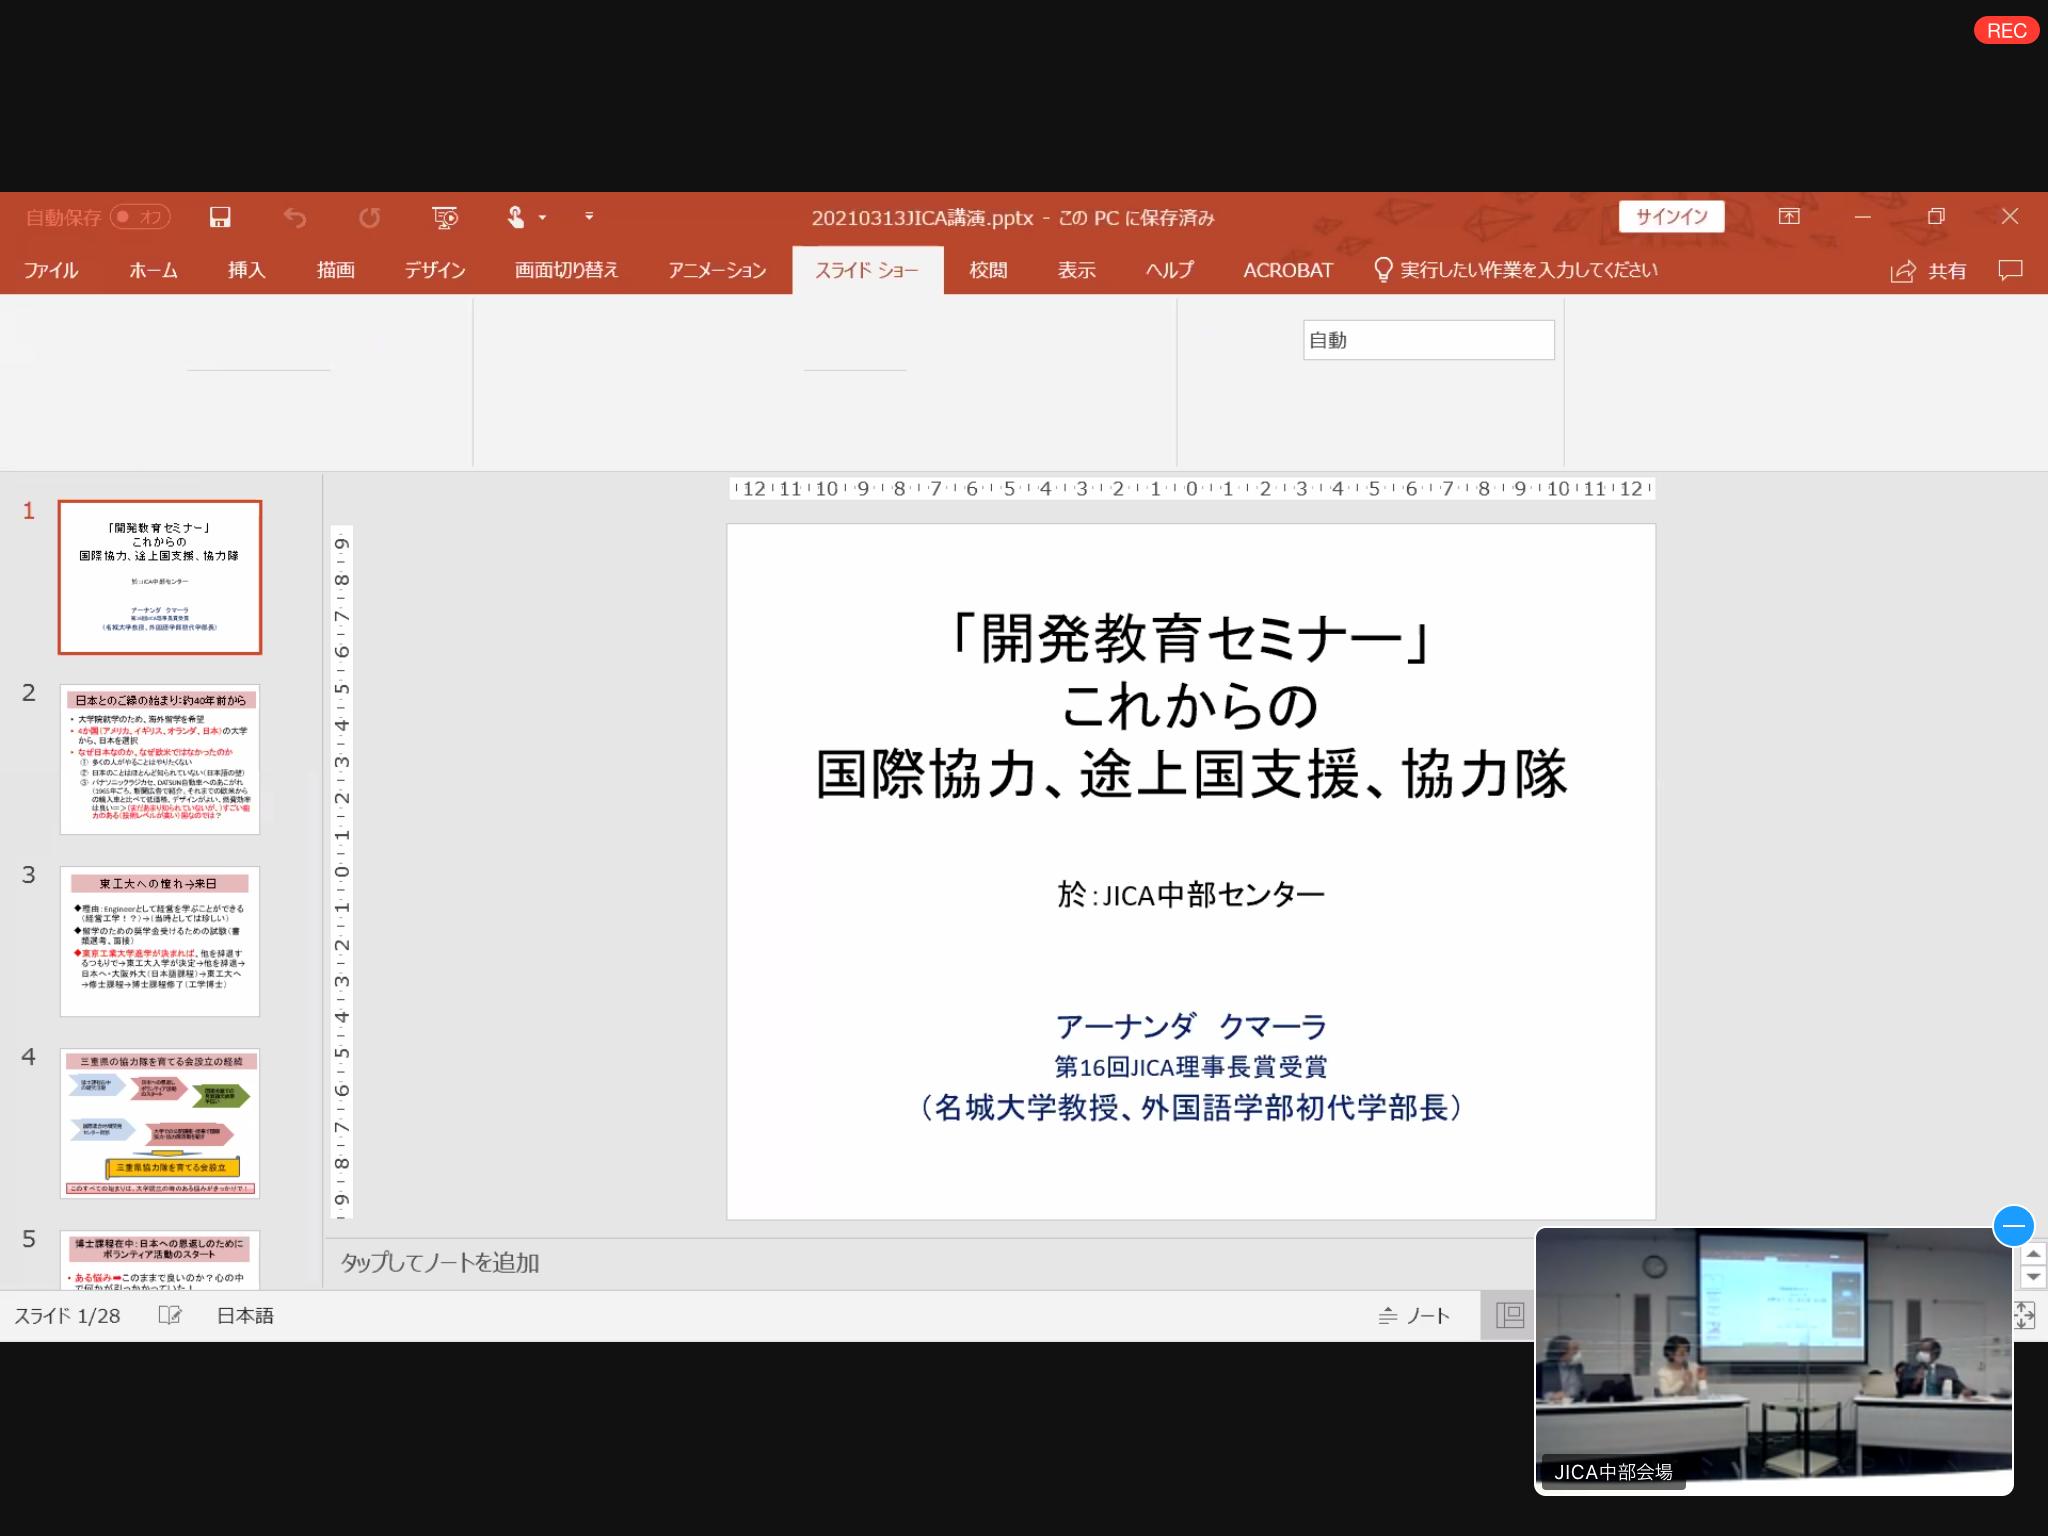 クマーラ教授の講演のスライド